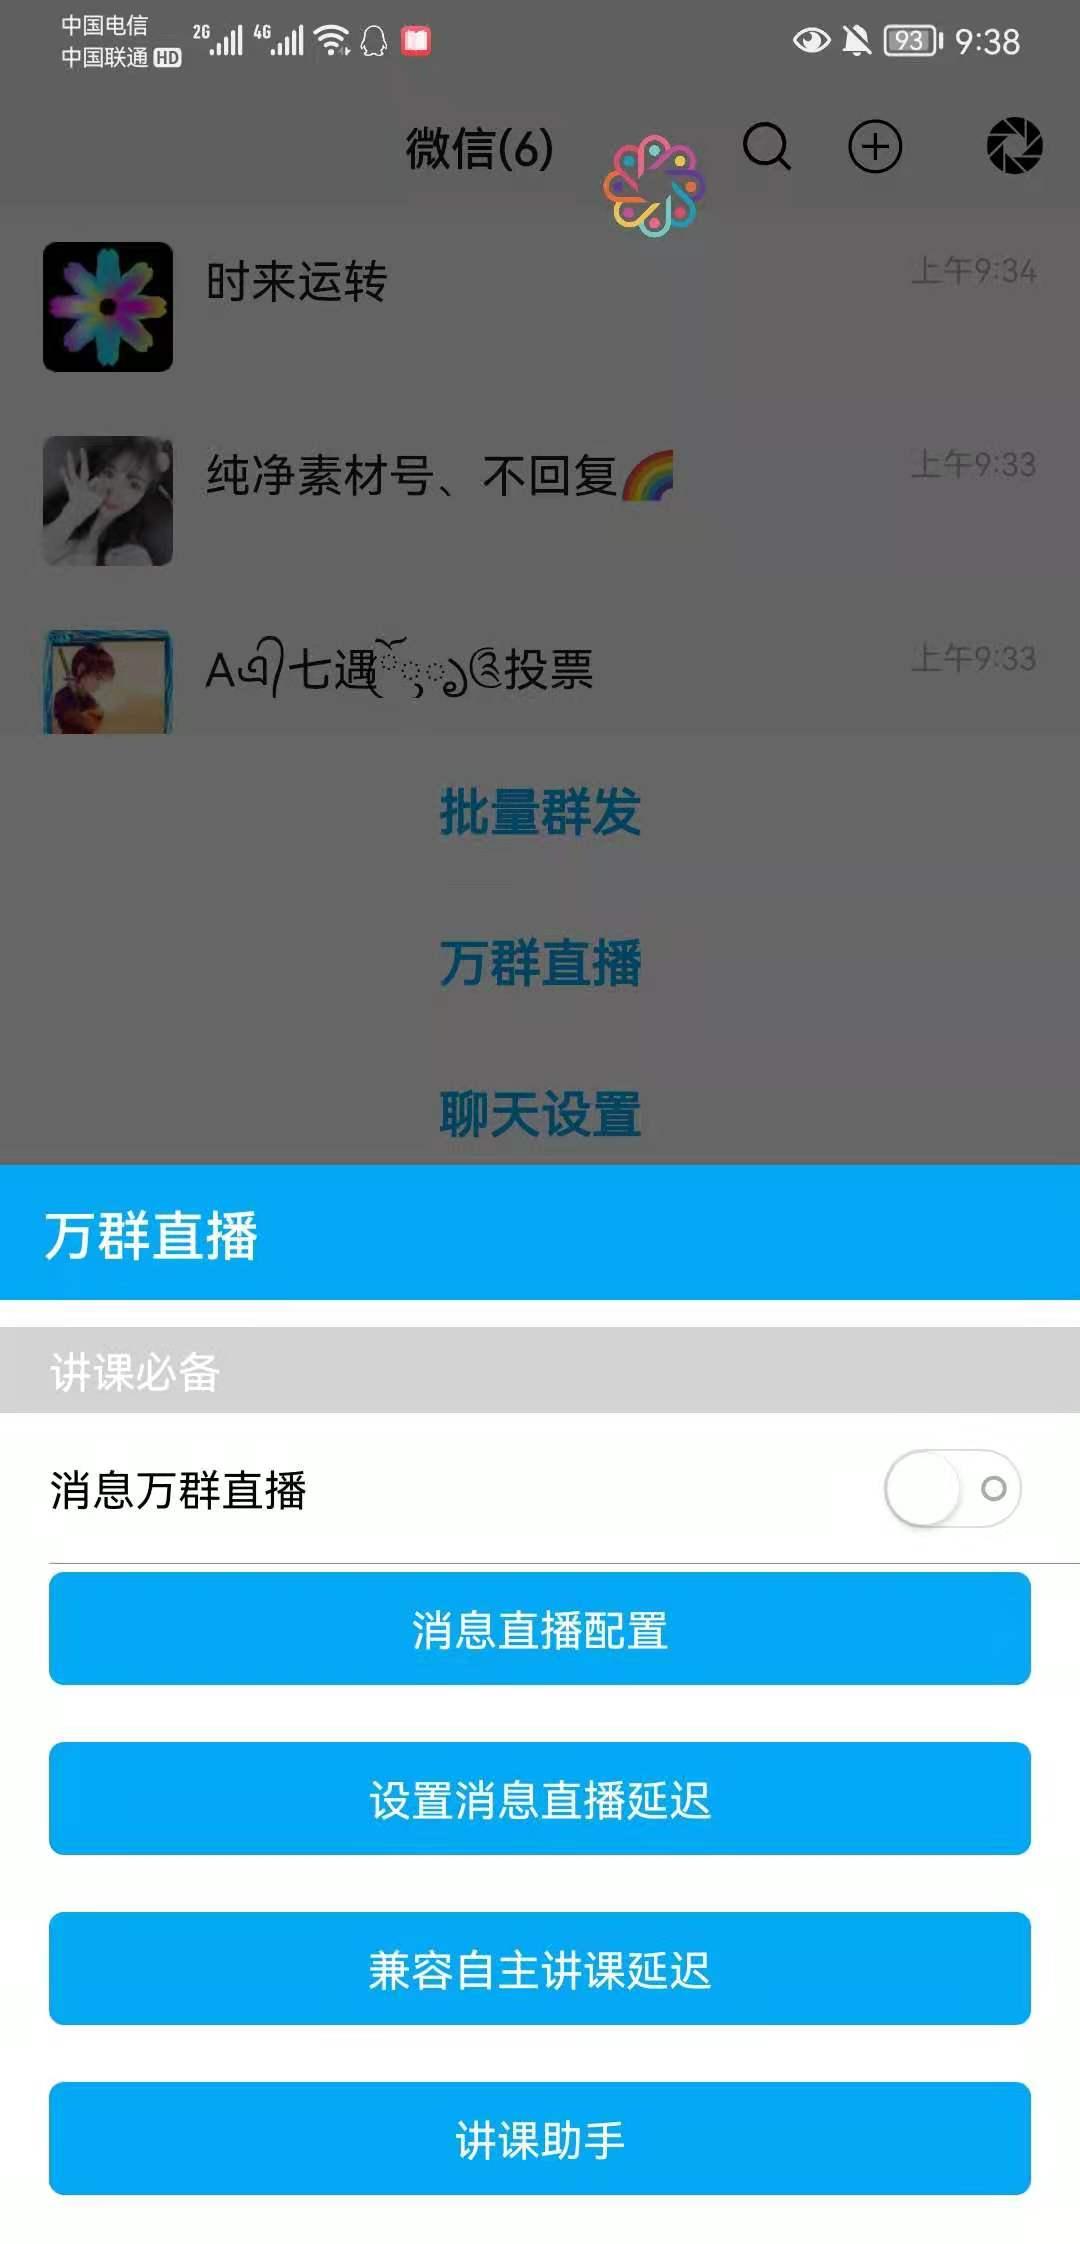 【知心安卓图文教程】新版微信支持最新系统无限多开微信流畅防封